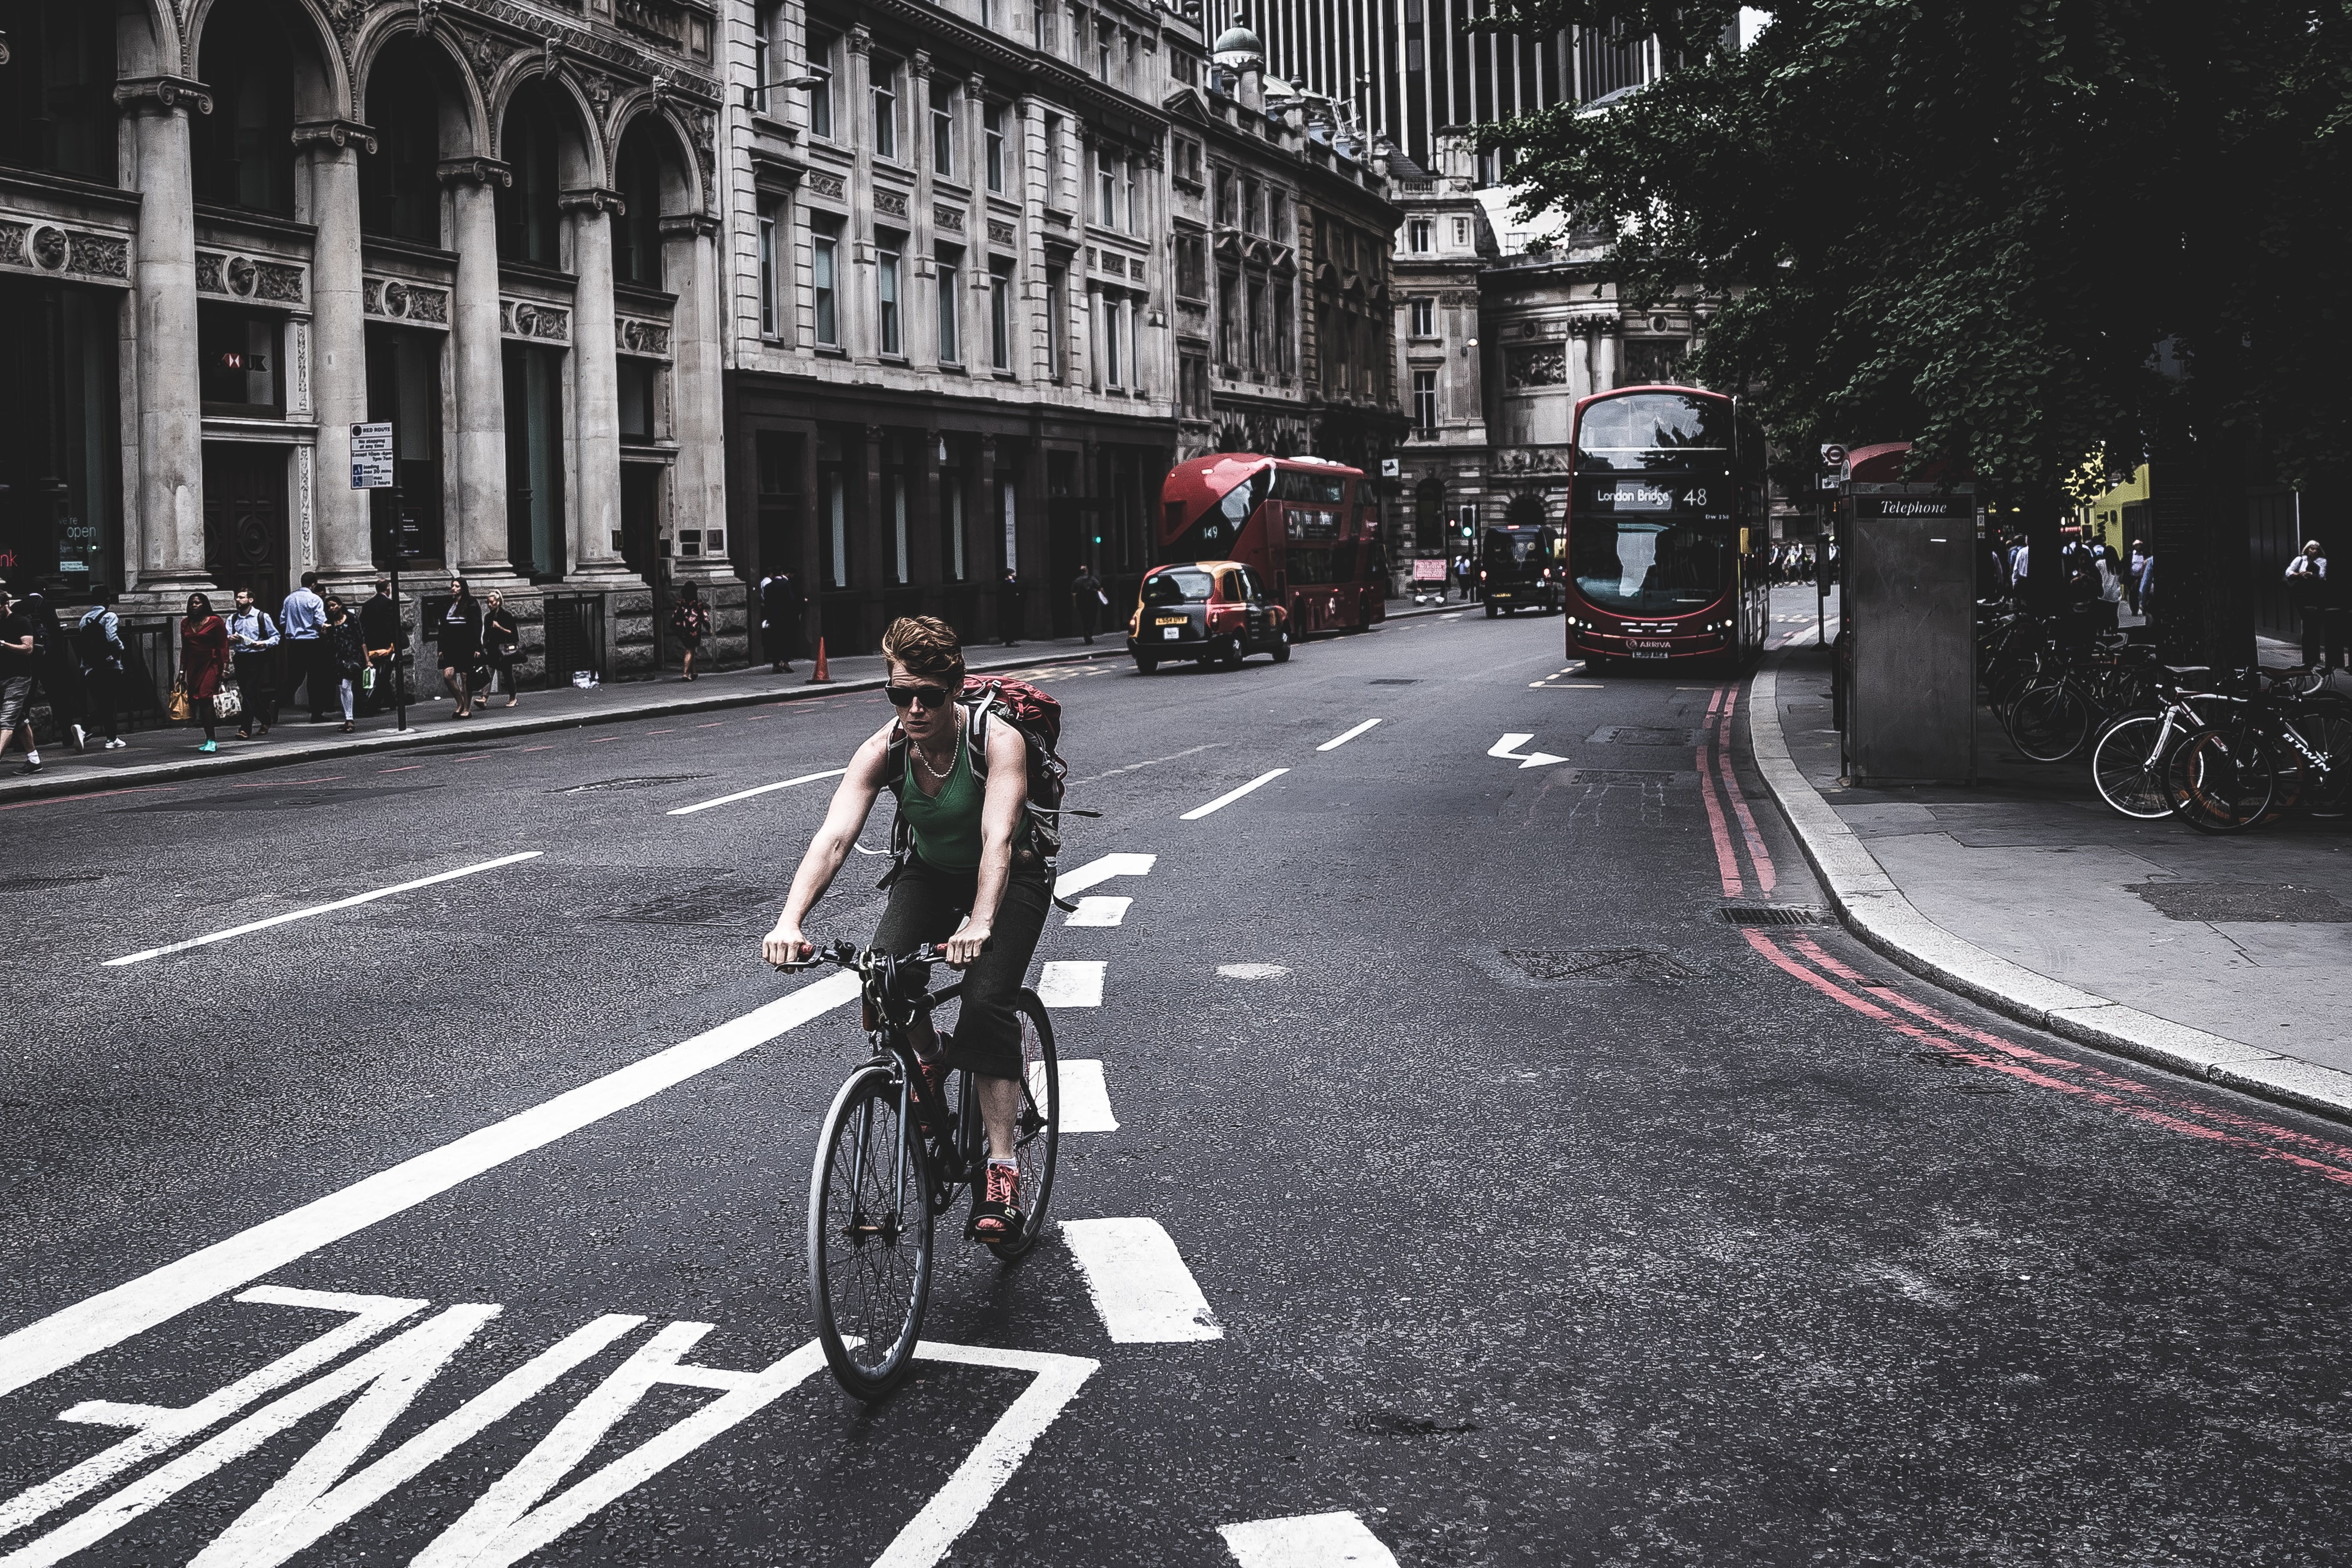 man bicycling at the road